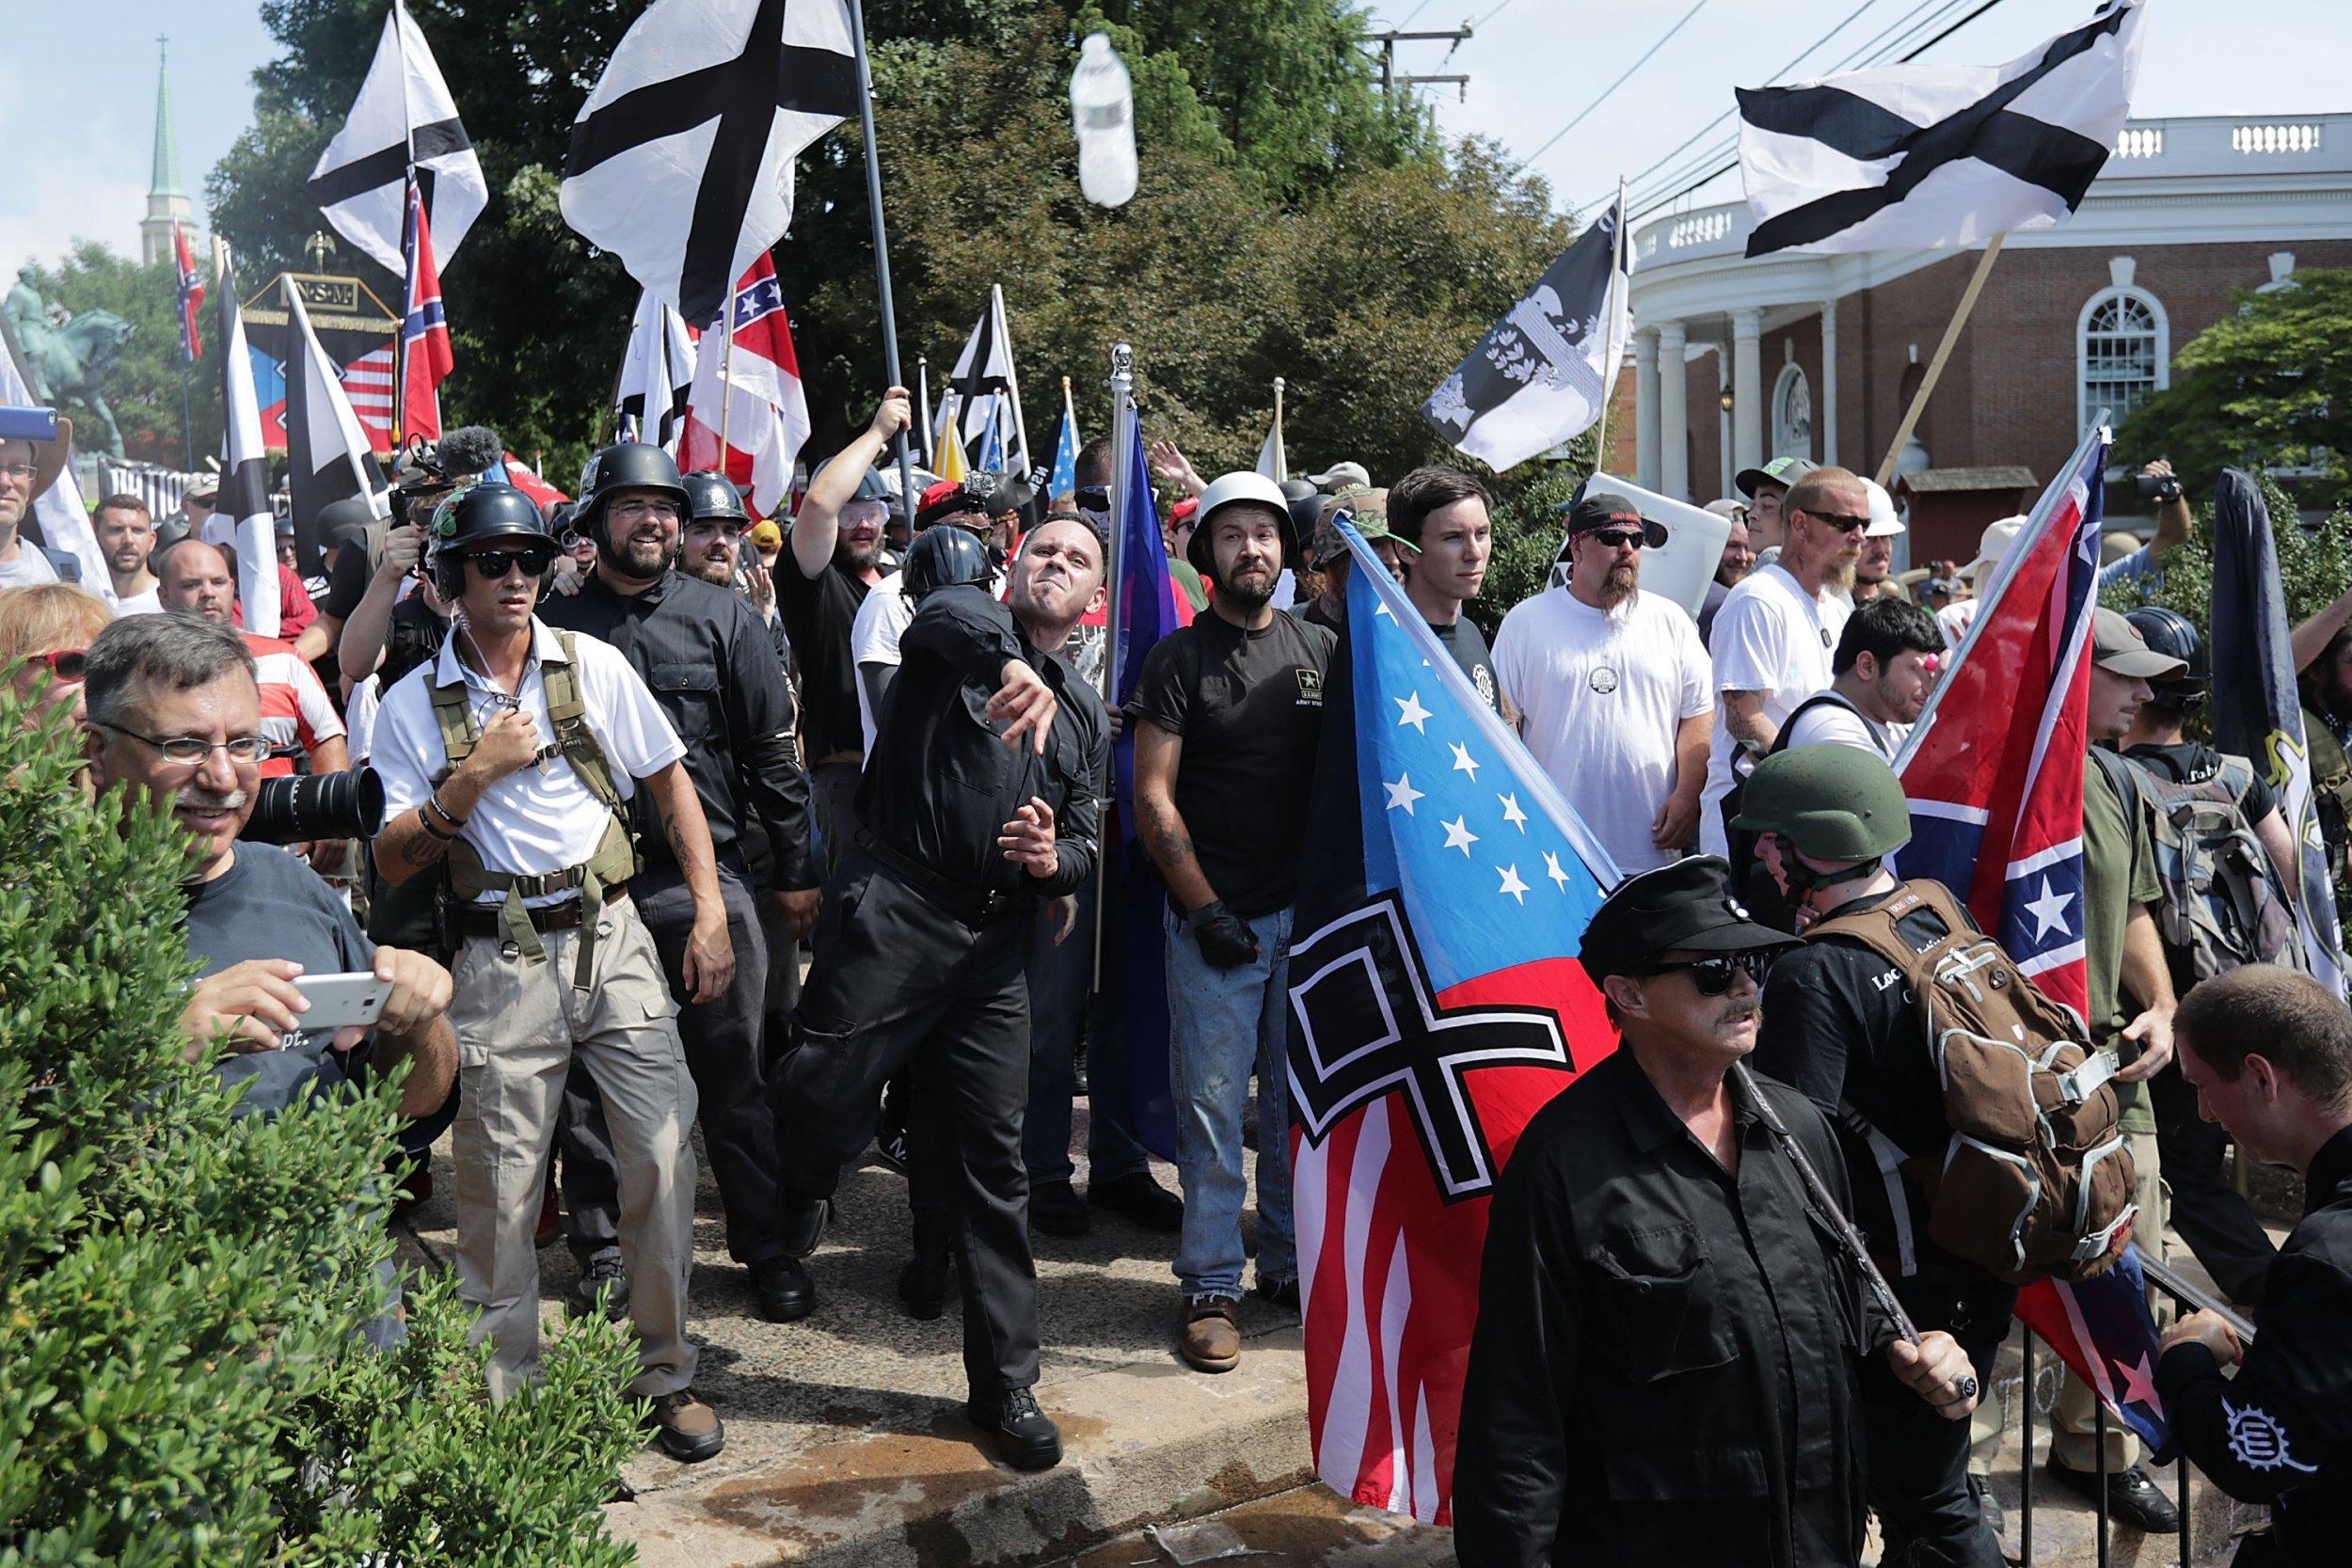 Charlottesville rally